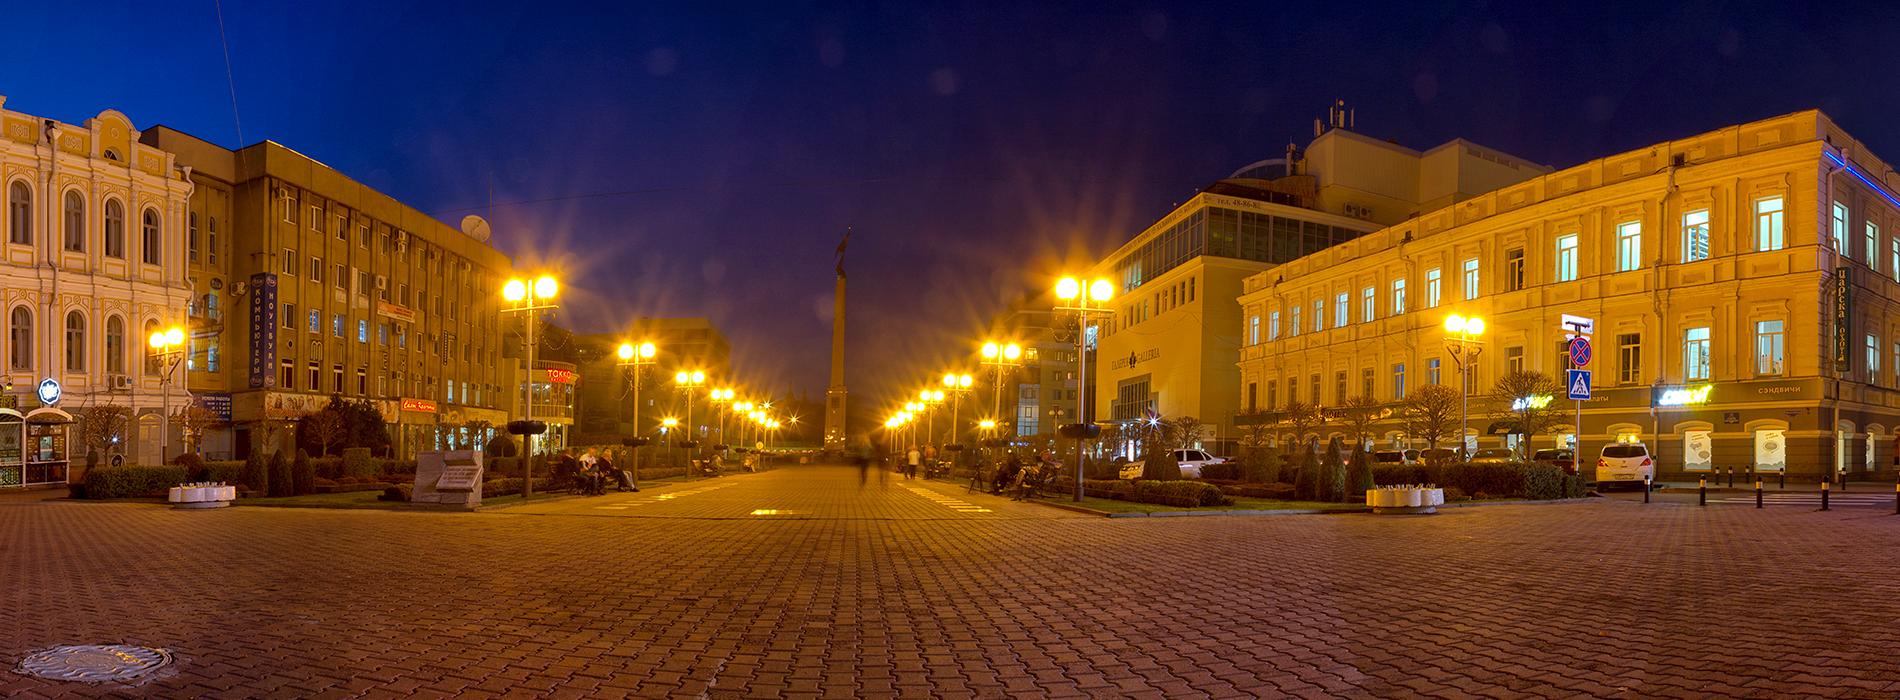 Авиабилеты Нижневартовск — Ставрополь, купить билеты на самолет туда и обратно, цены и расписание рейсов